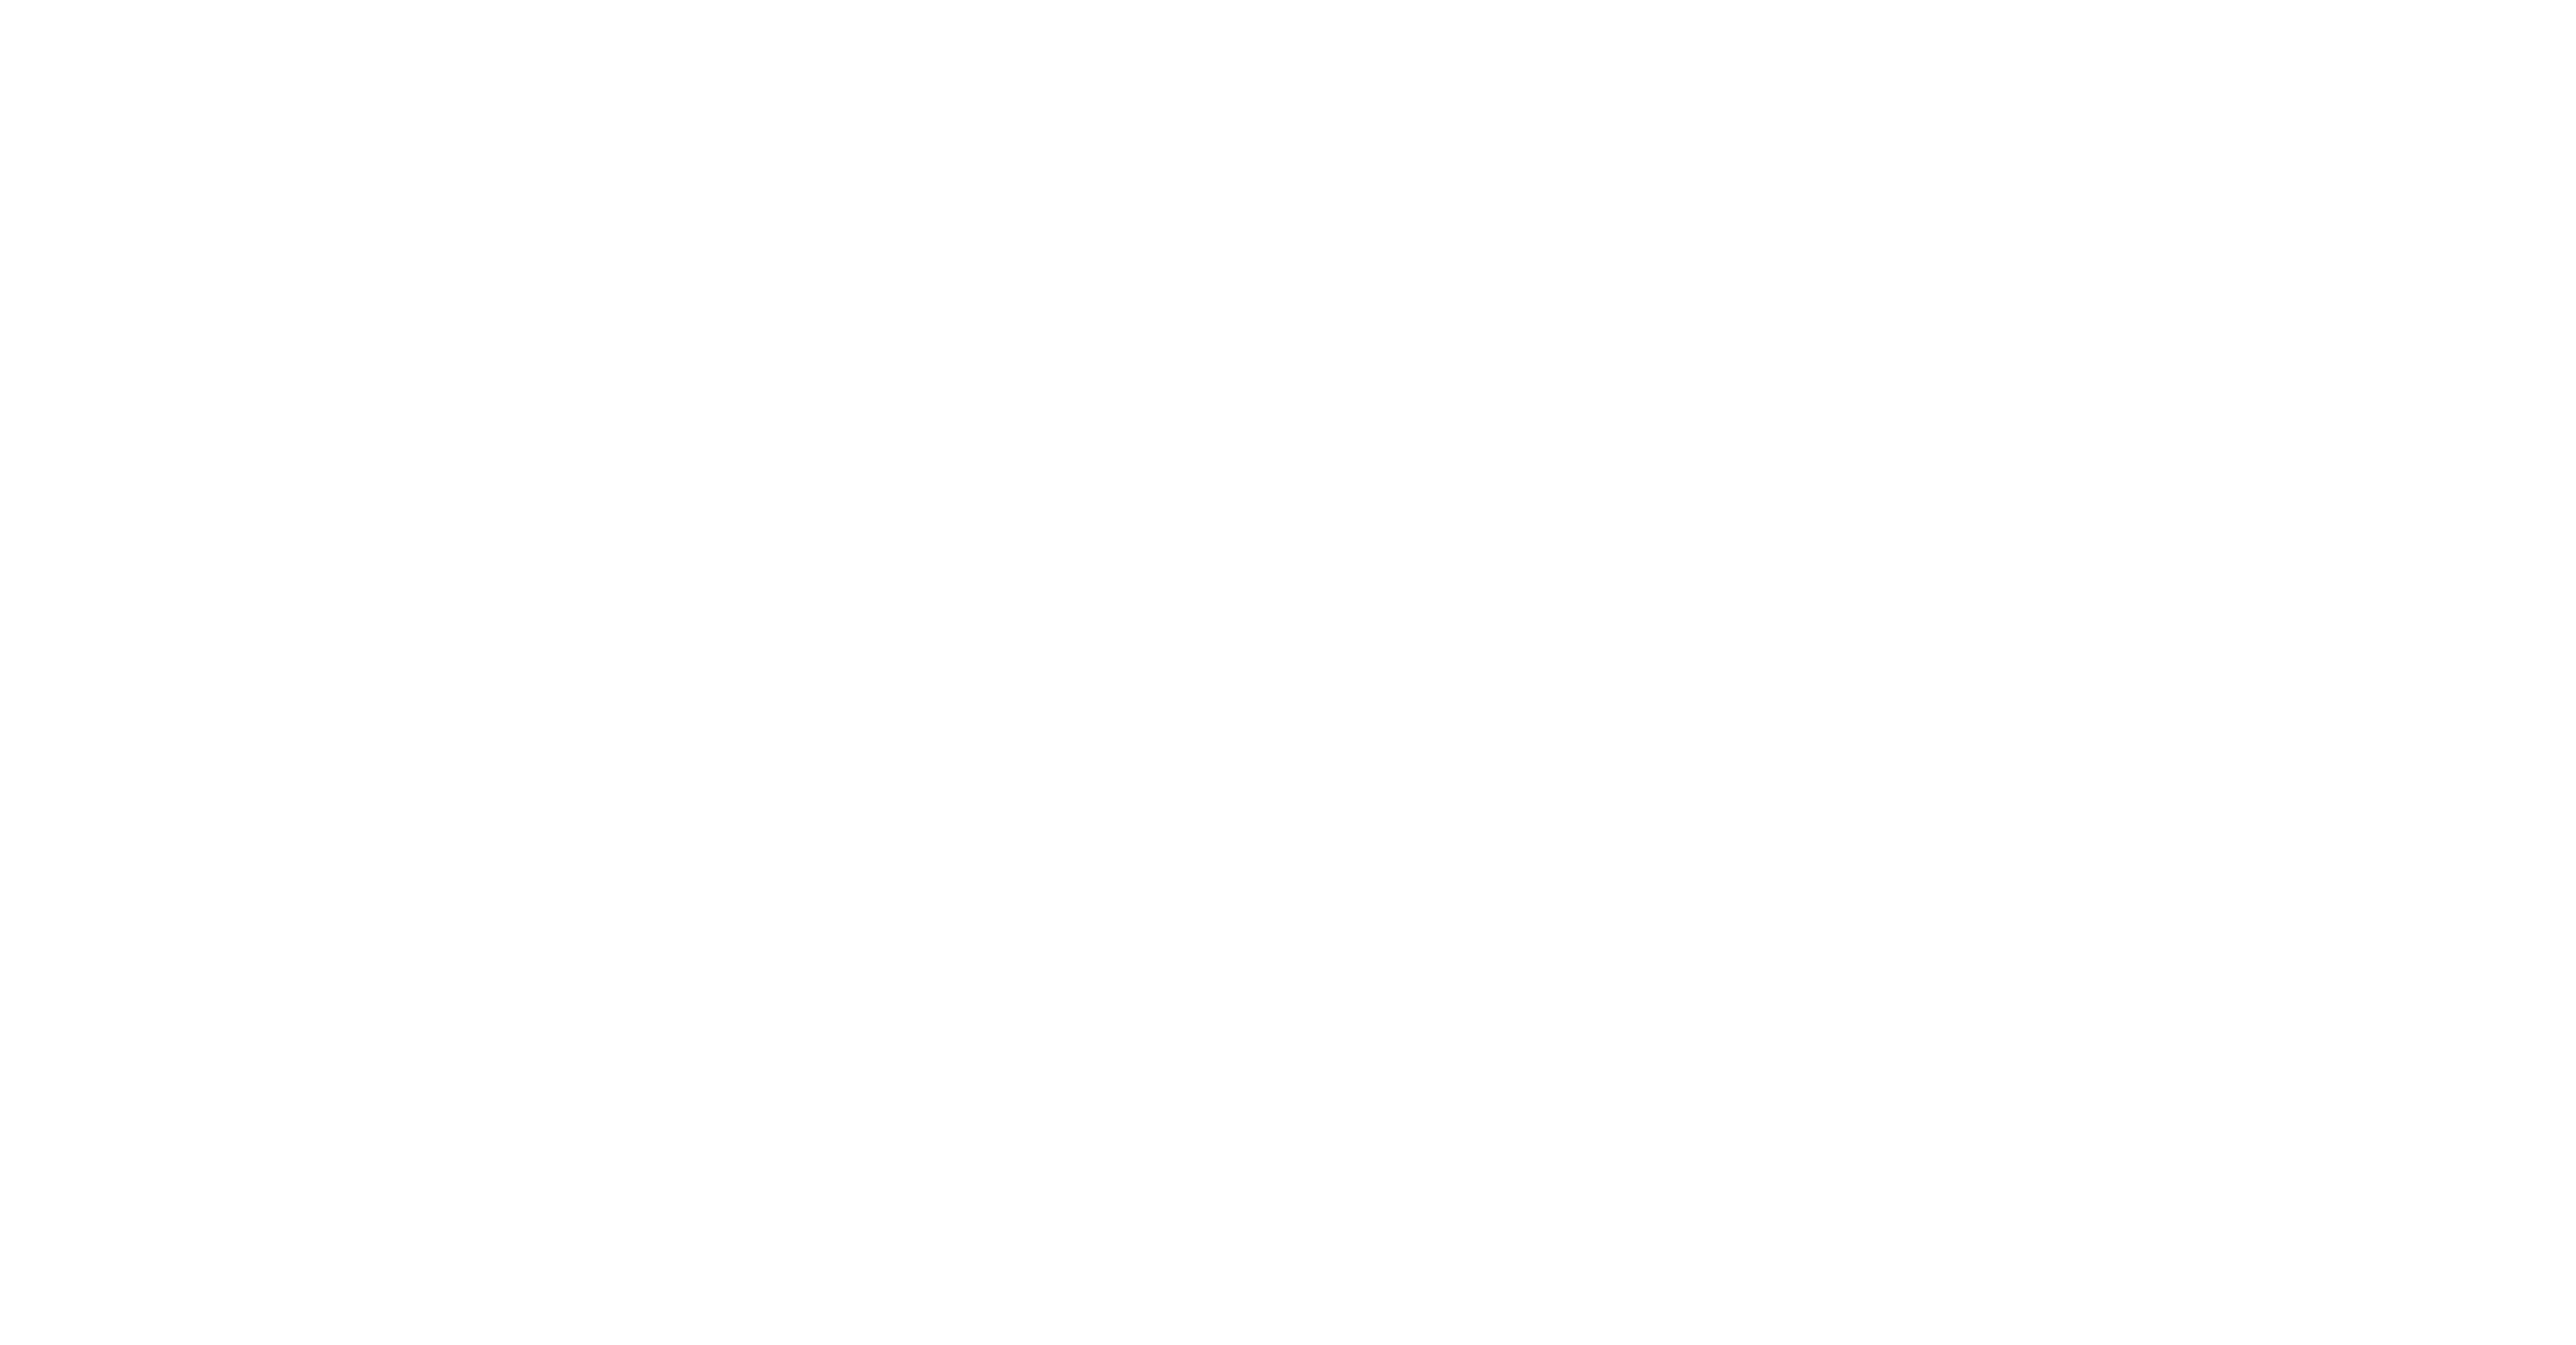 trutuner logo-27-27